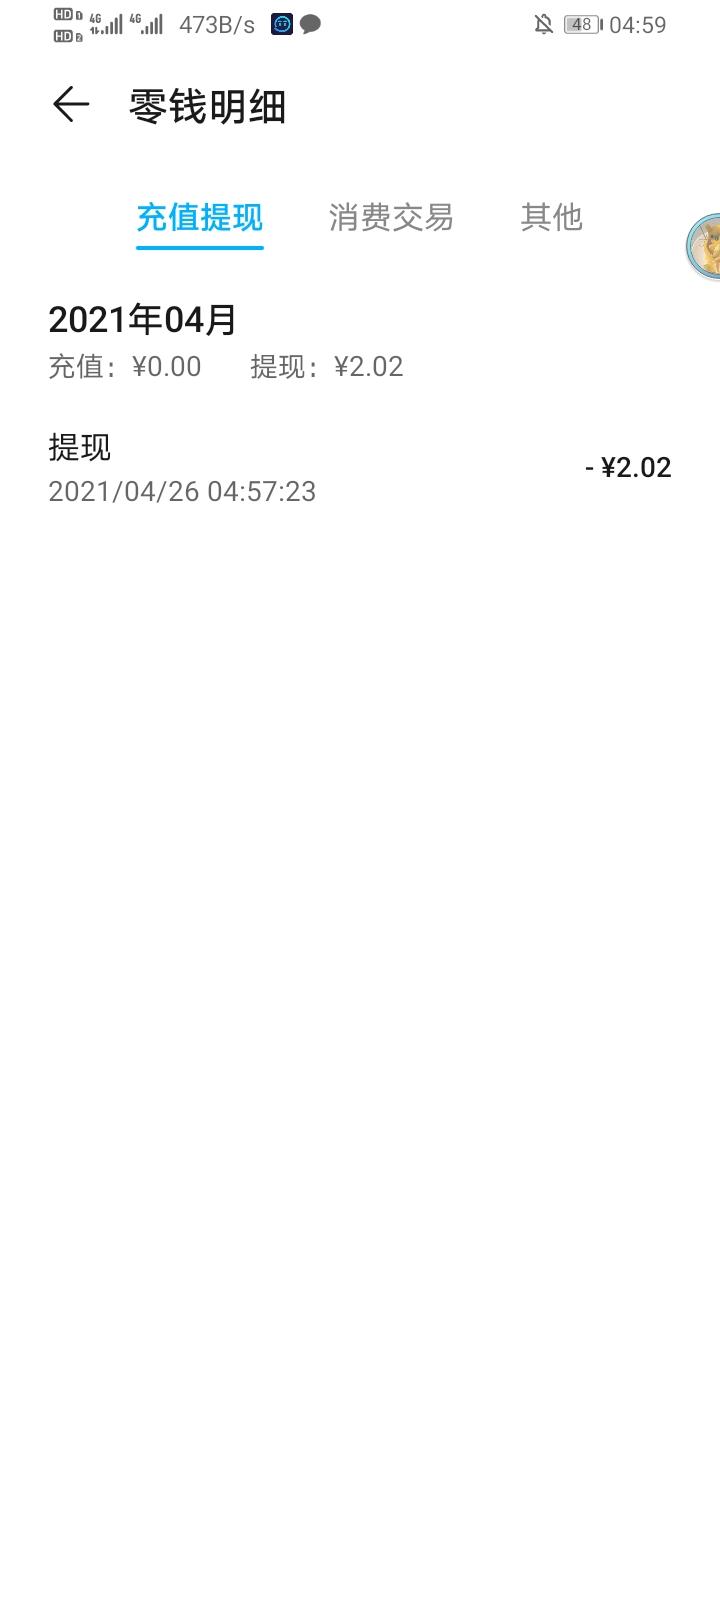 华为应用商店玩成语王者2块现金红包